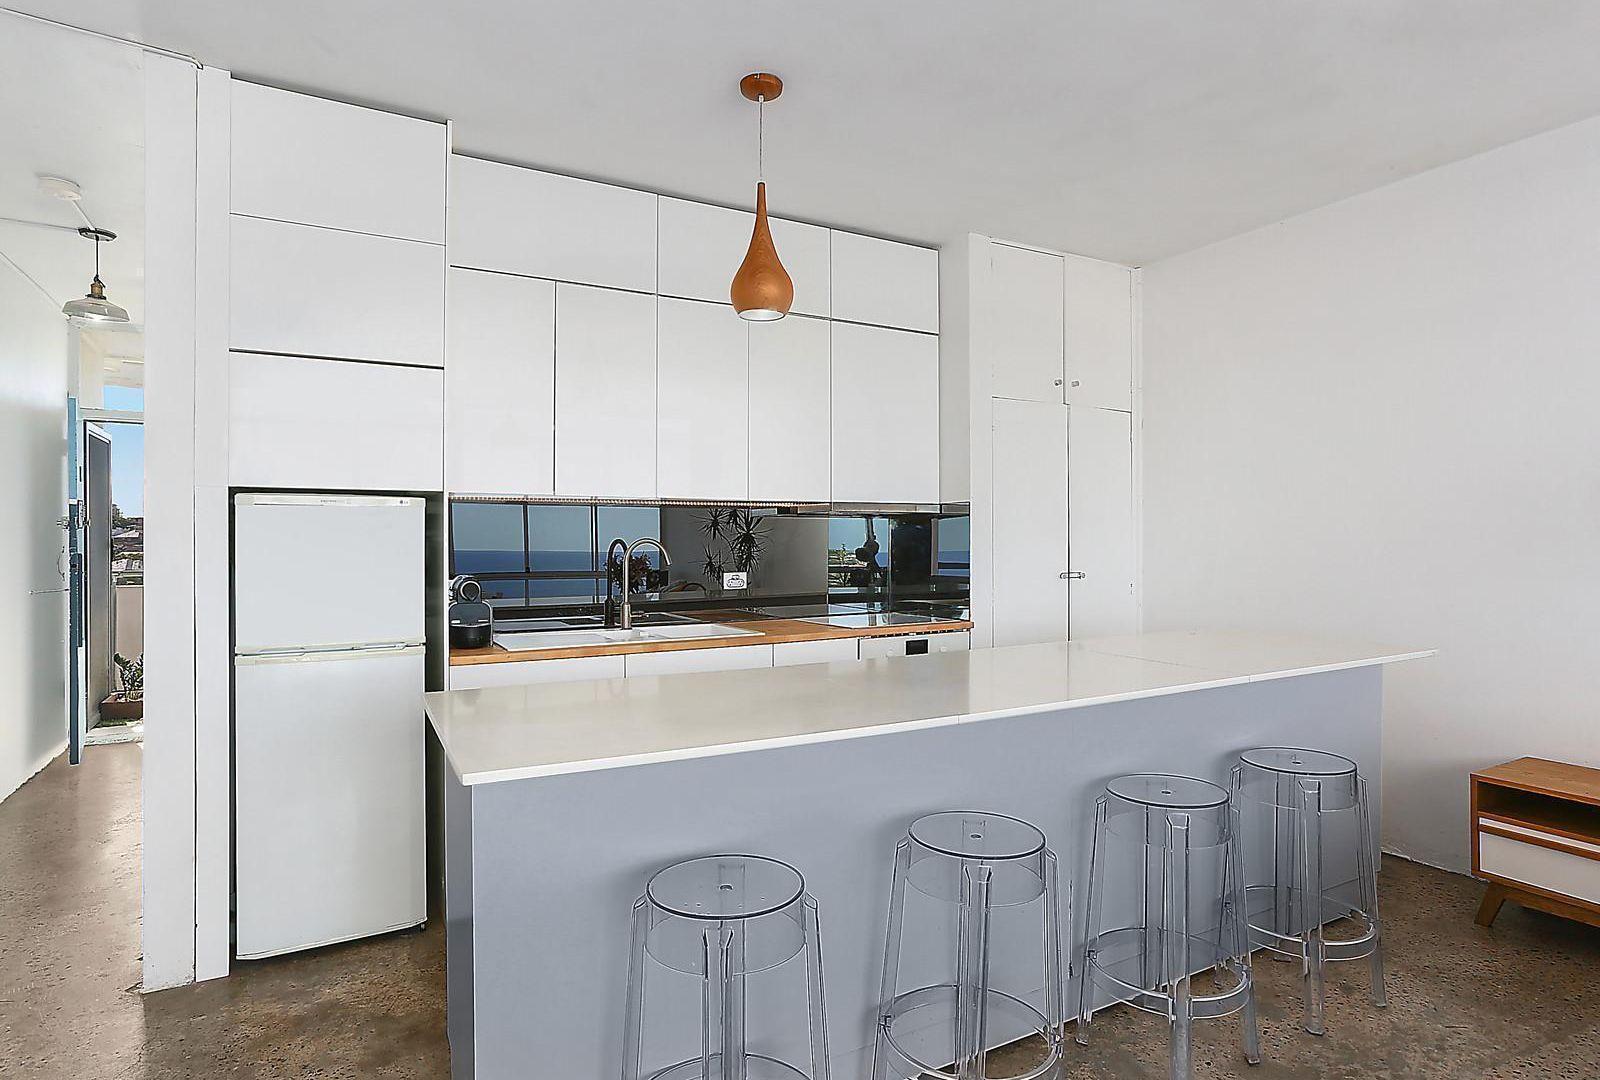 13/20 Illawong Avenue, Tamarama NSW 2026, Image 1